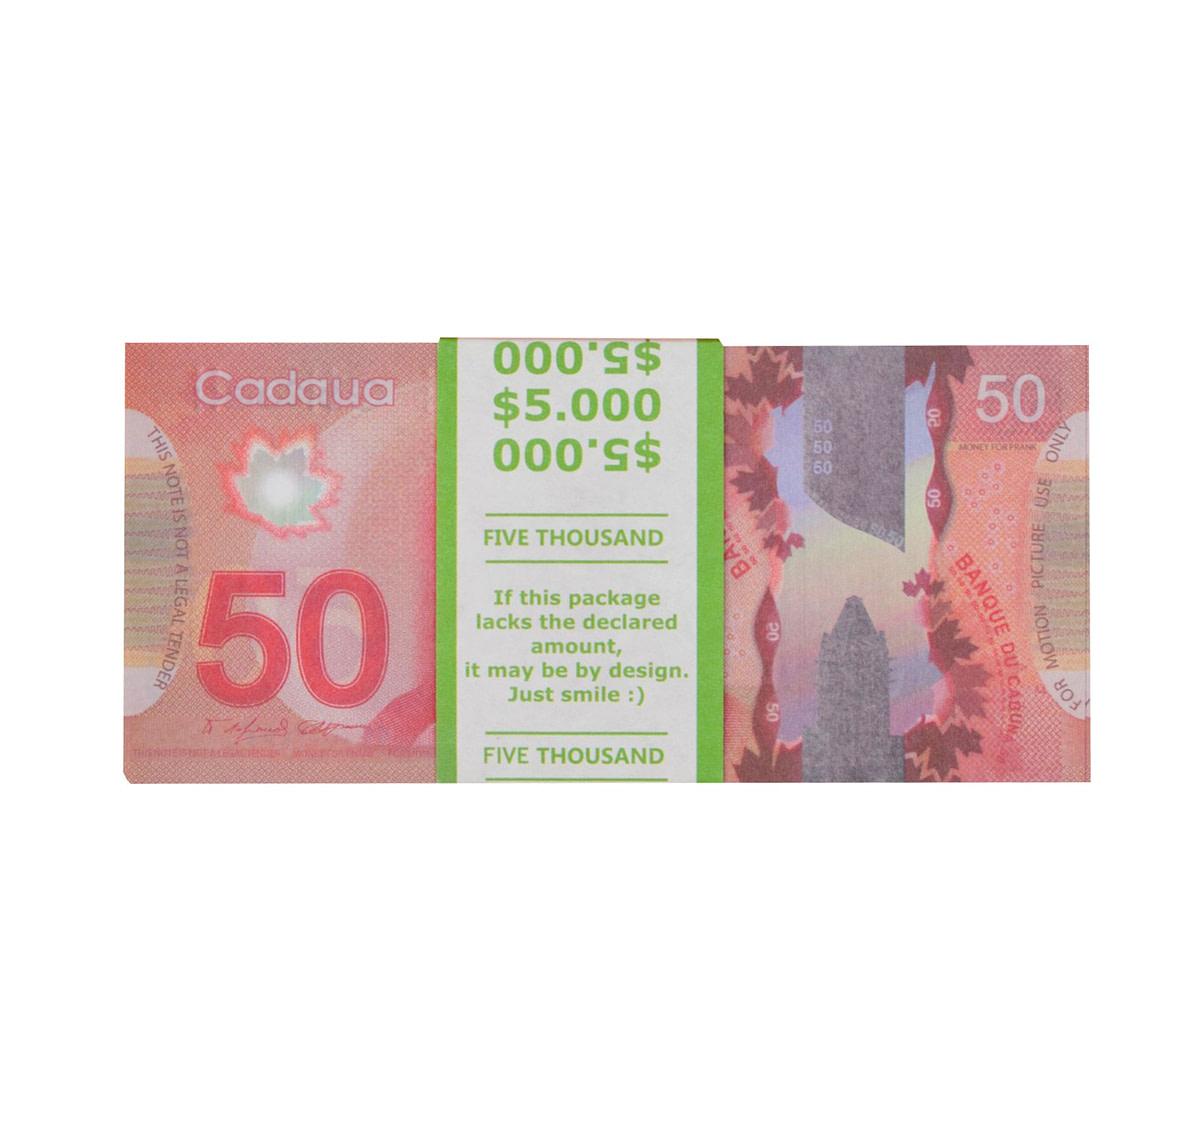 acheter nouvelle 50 dollars canadiens pile de 100 faux billets face avant